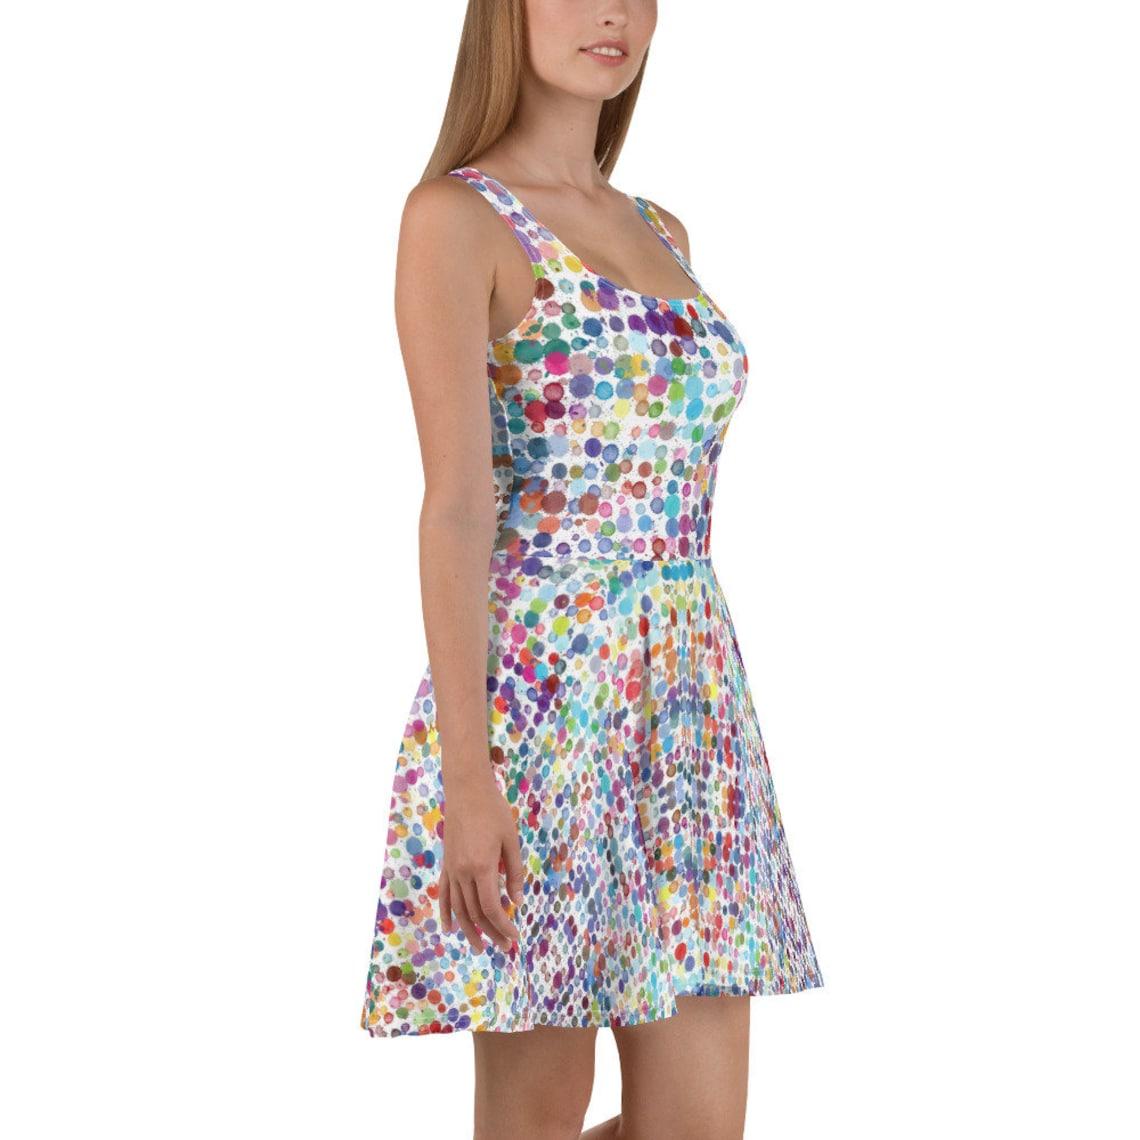 Watercolor Polka Dot Skater Dress